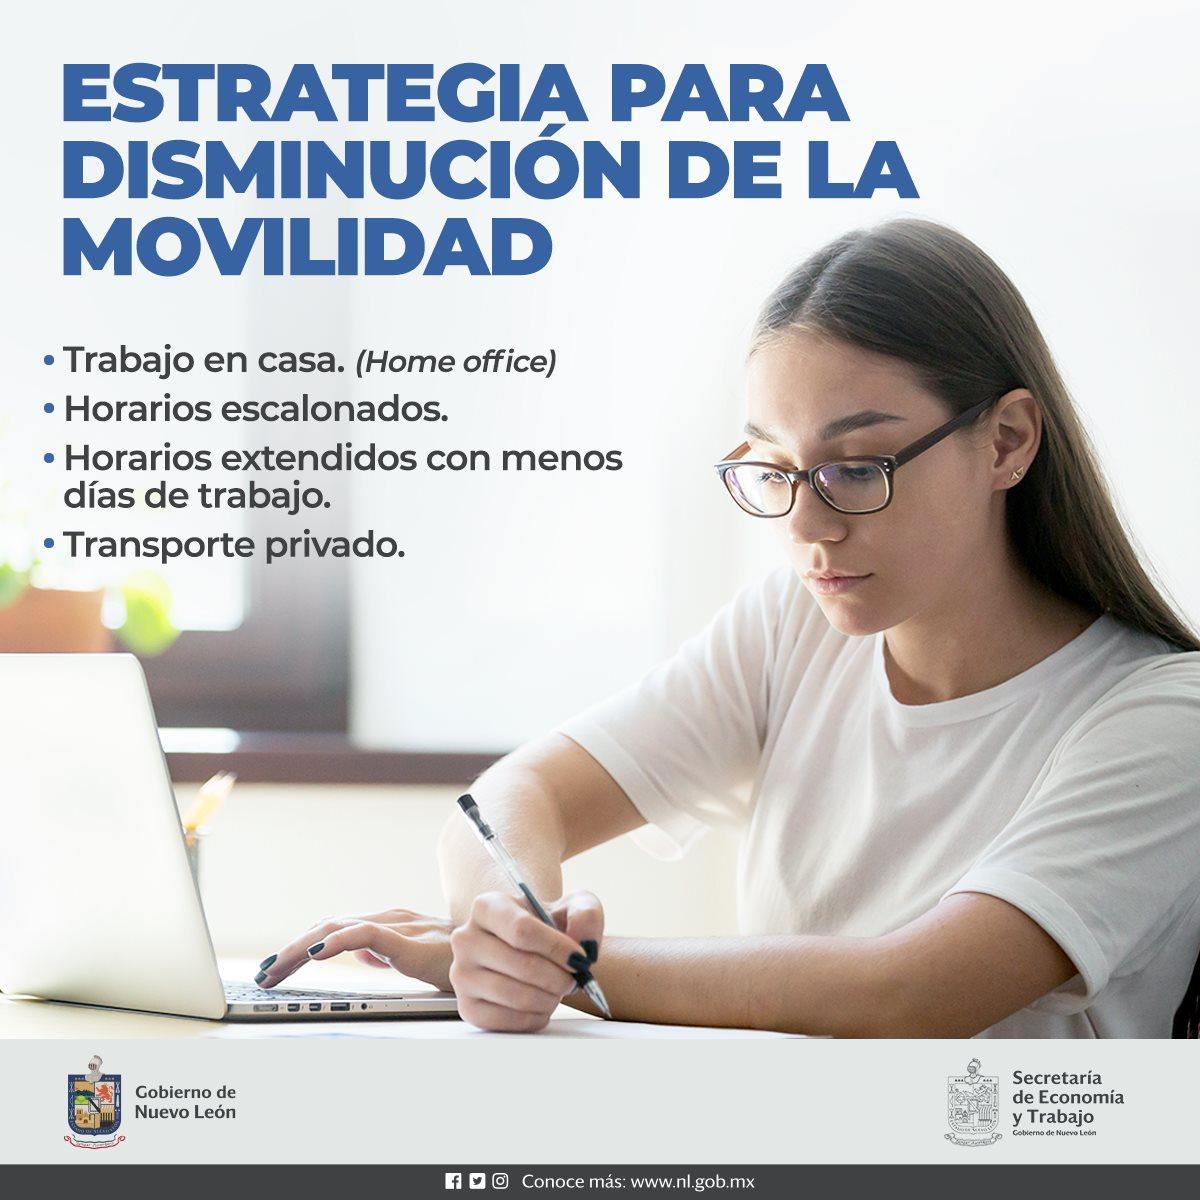 Estrategia para disminución de la movilidad